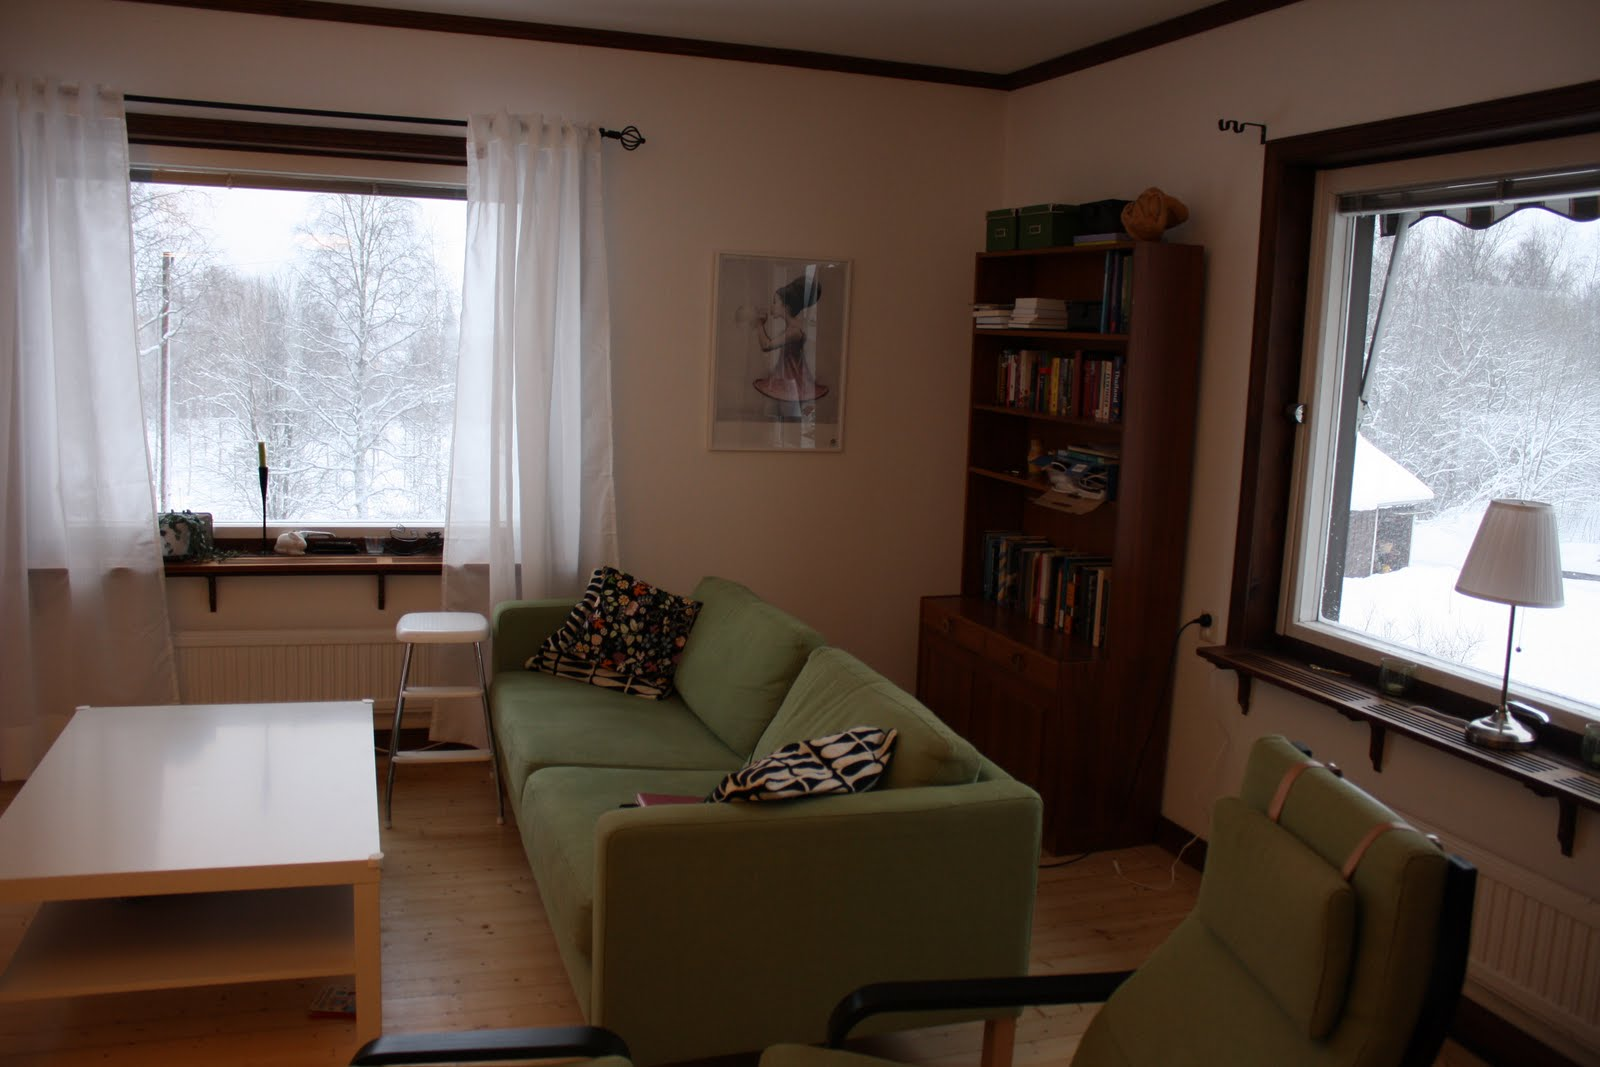 Lilla familjen goes norrland: december 2010